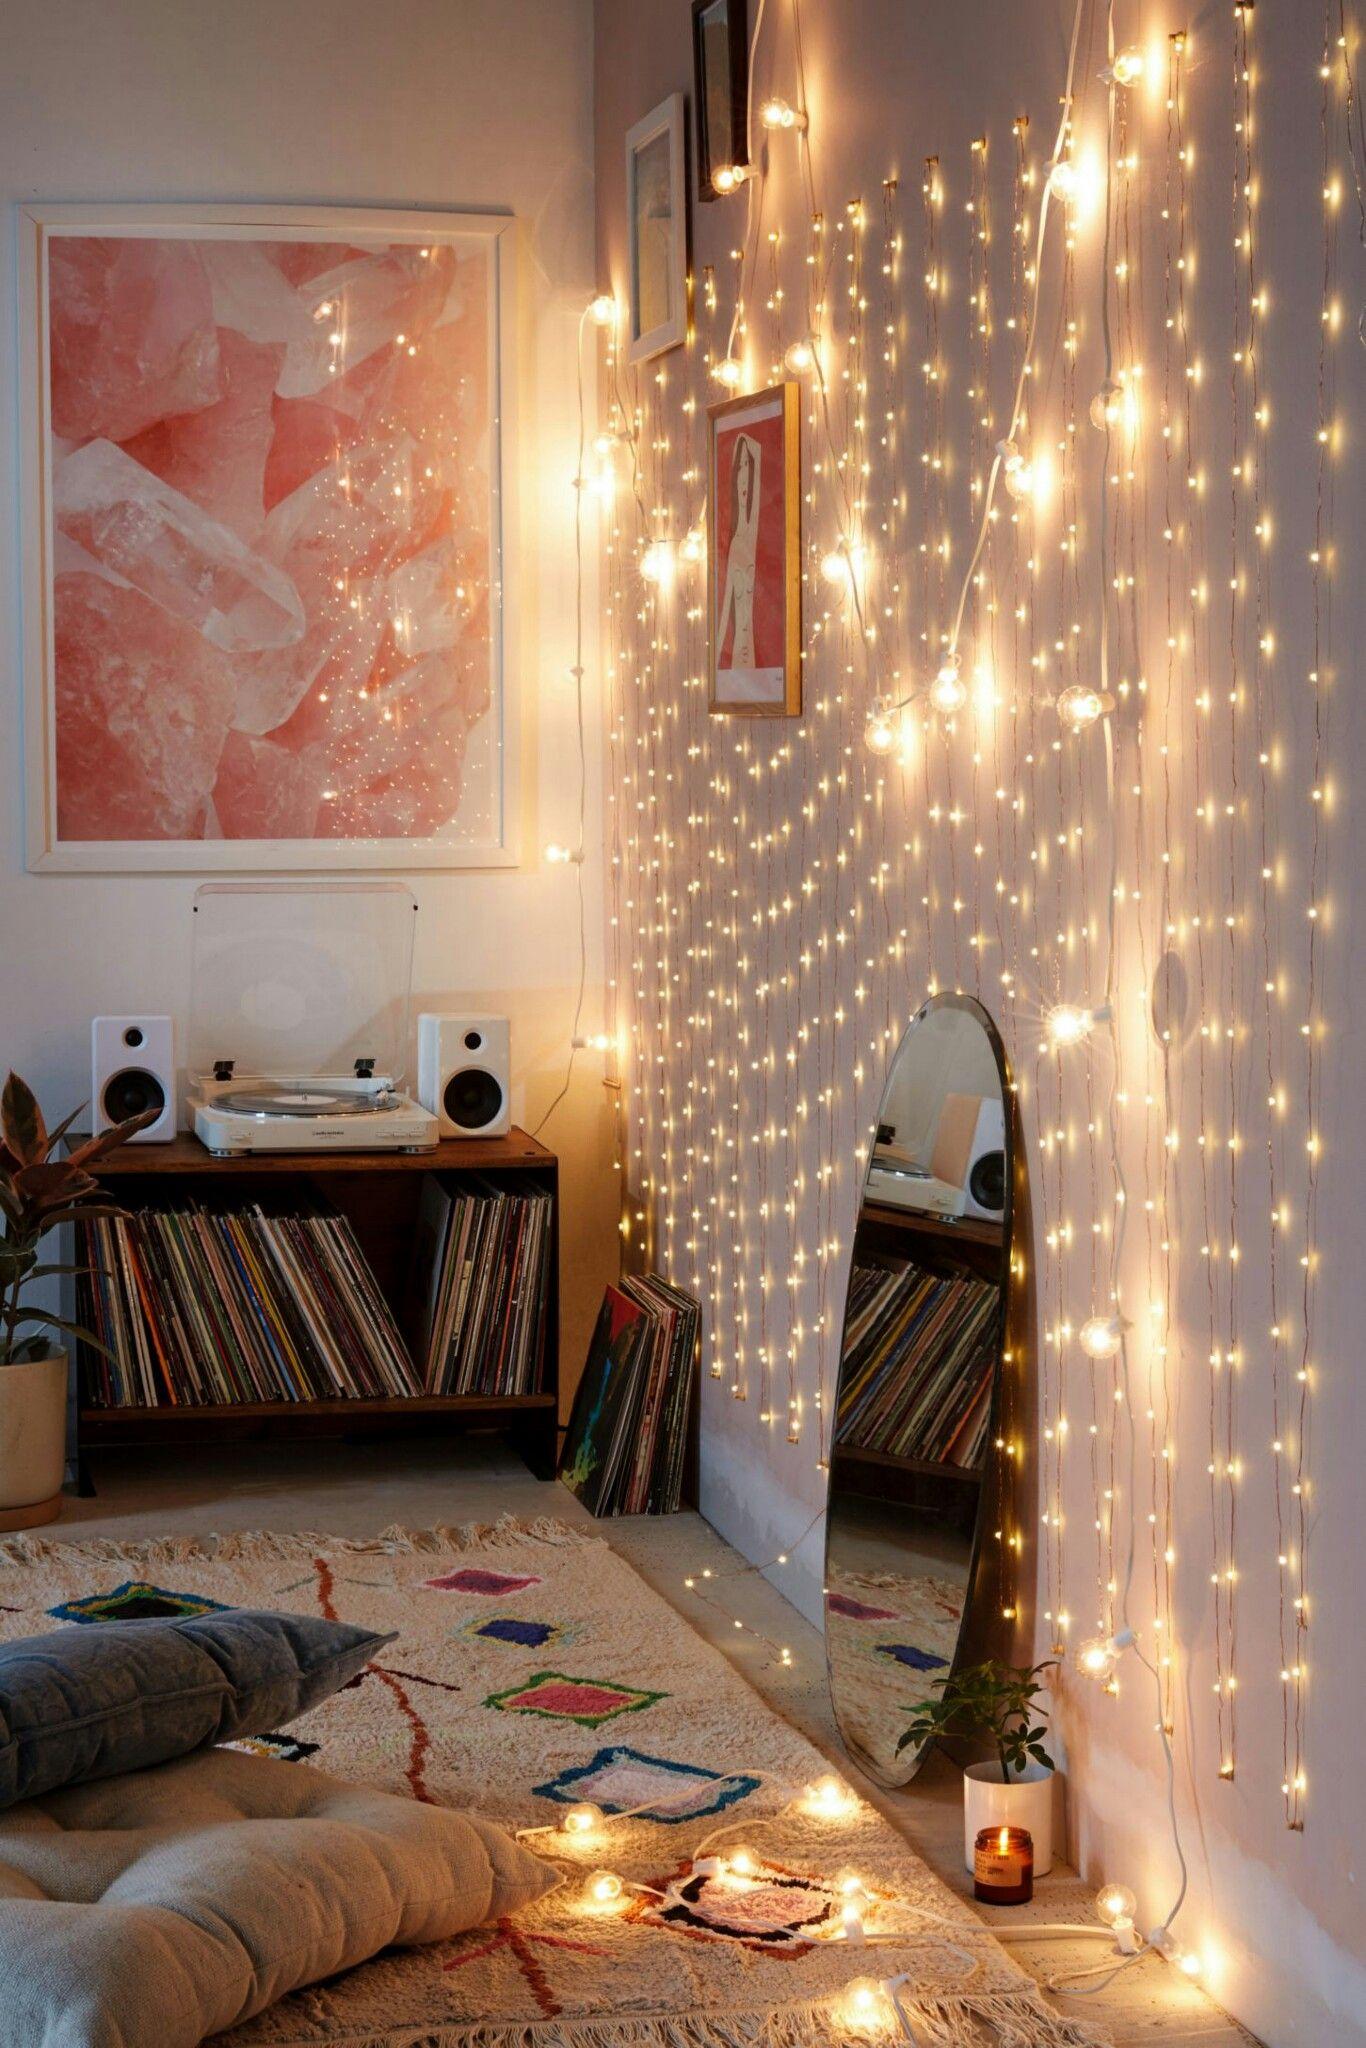 sk na hem urban outfitters home decor room decor dorm room rh pinterest com